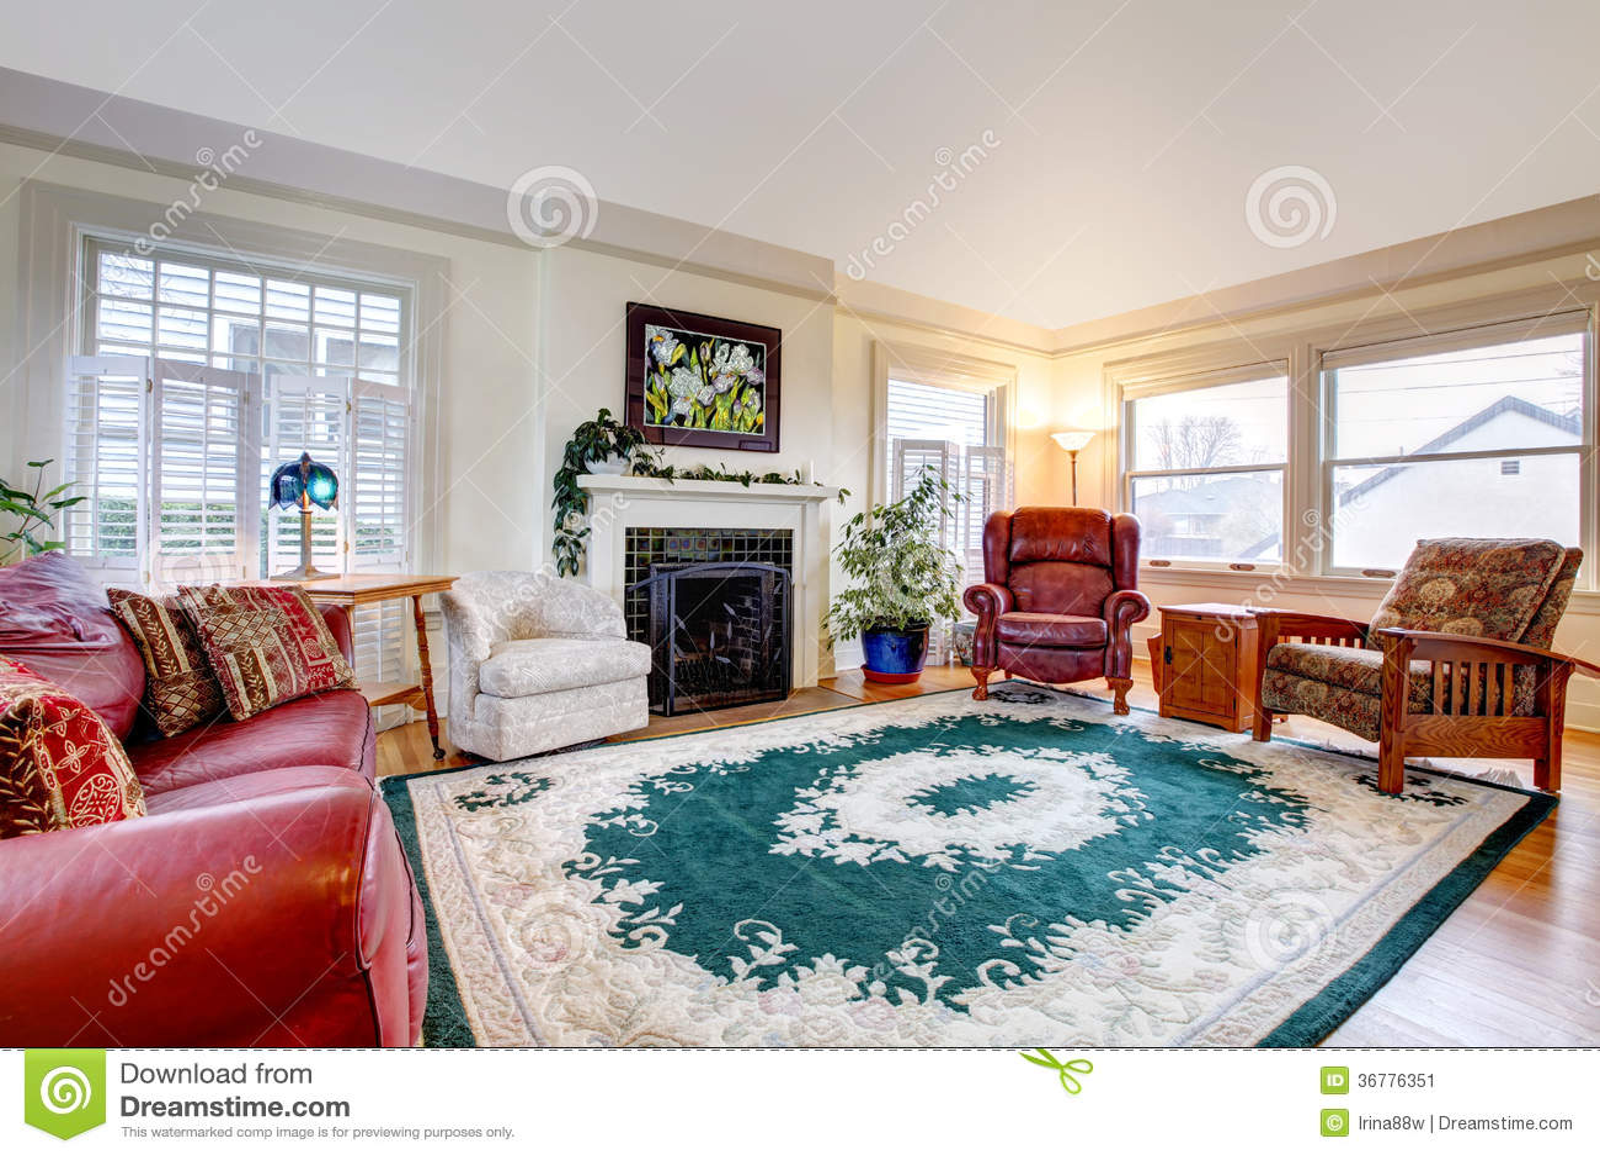 Großes Wohnzimmer Mit Kamin Stockbild - Bild von abbildung ...